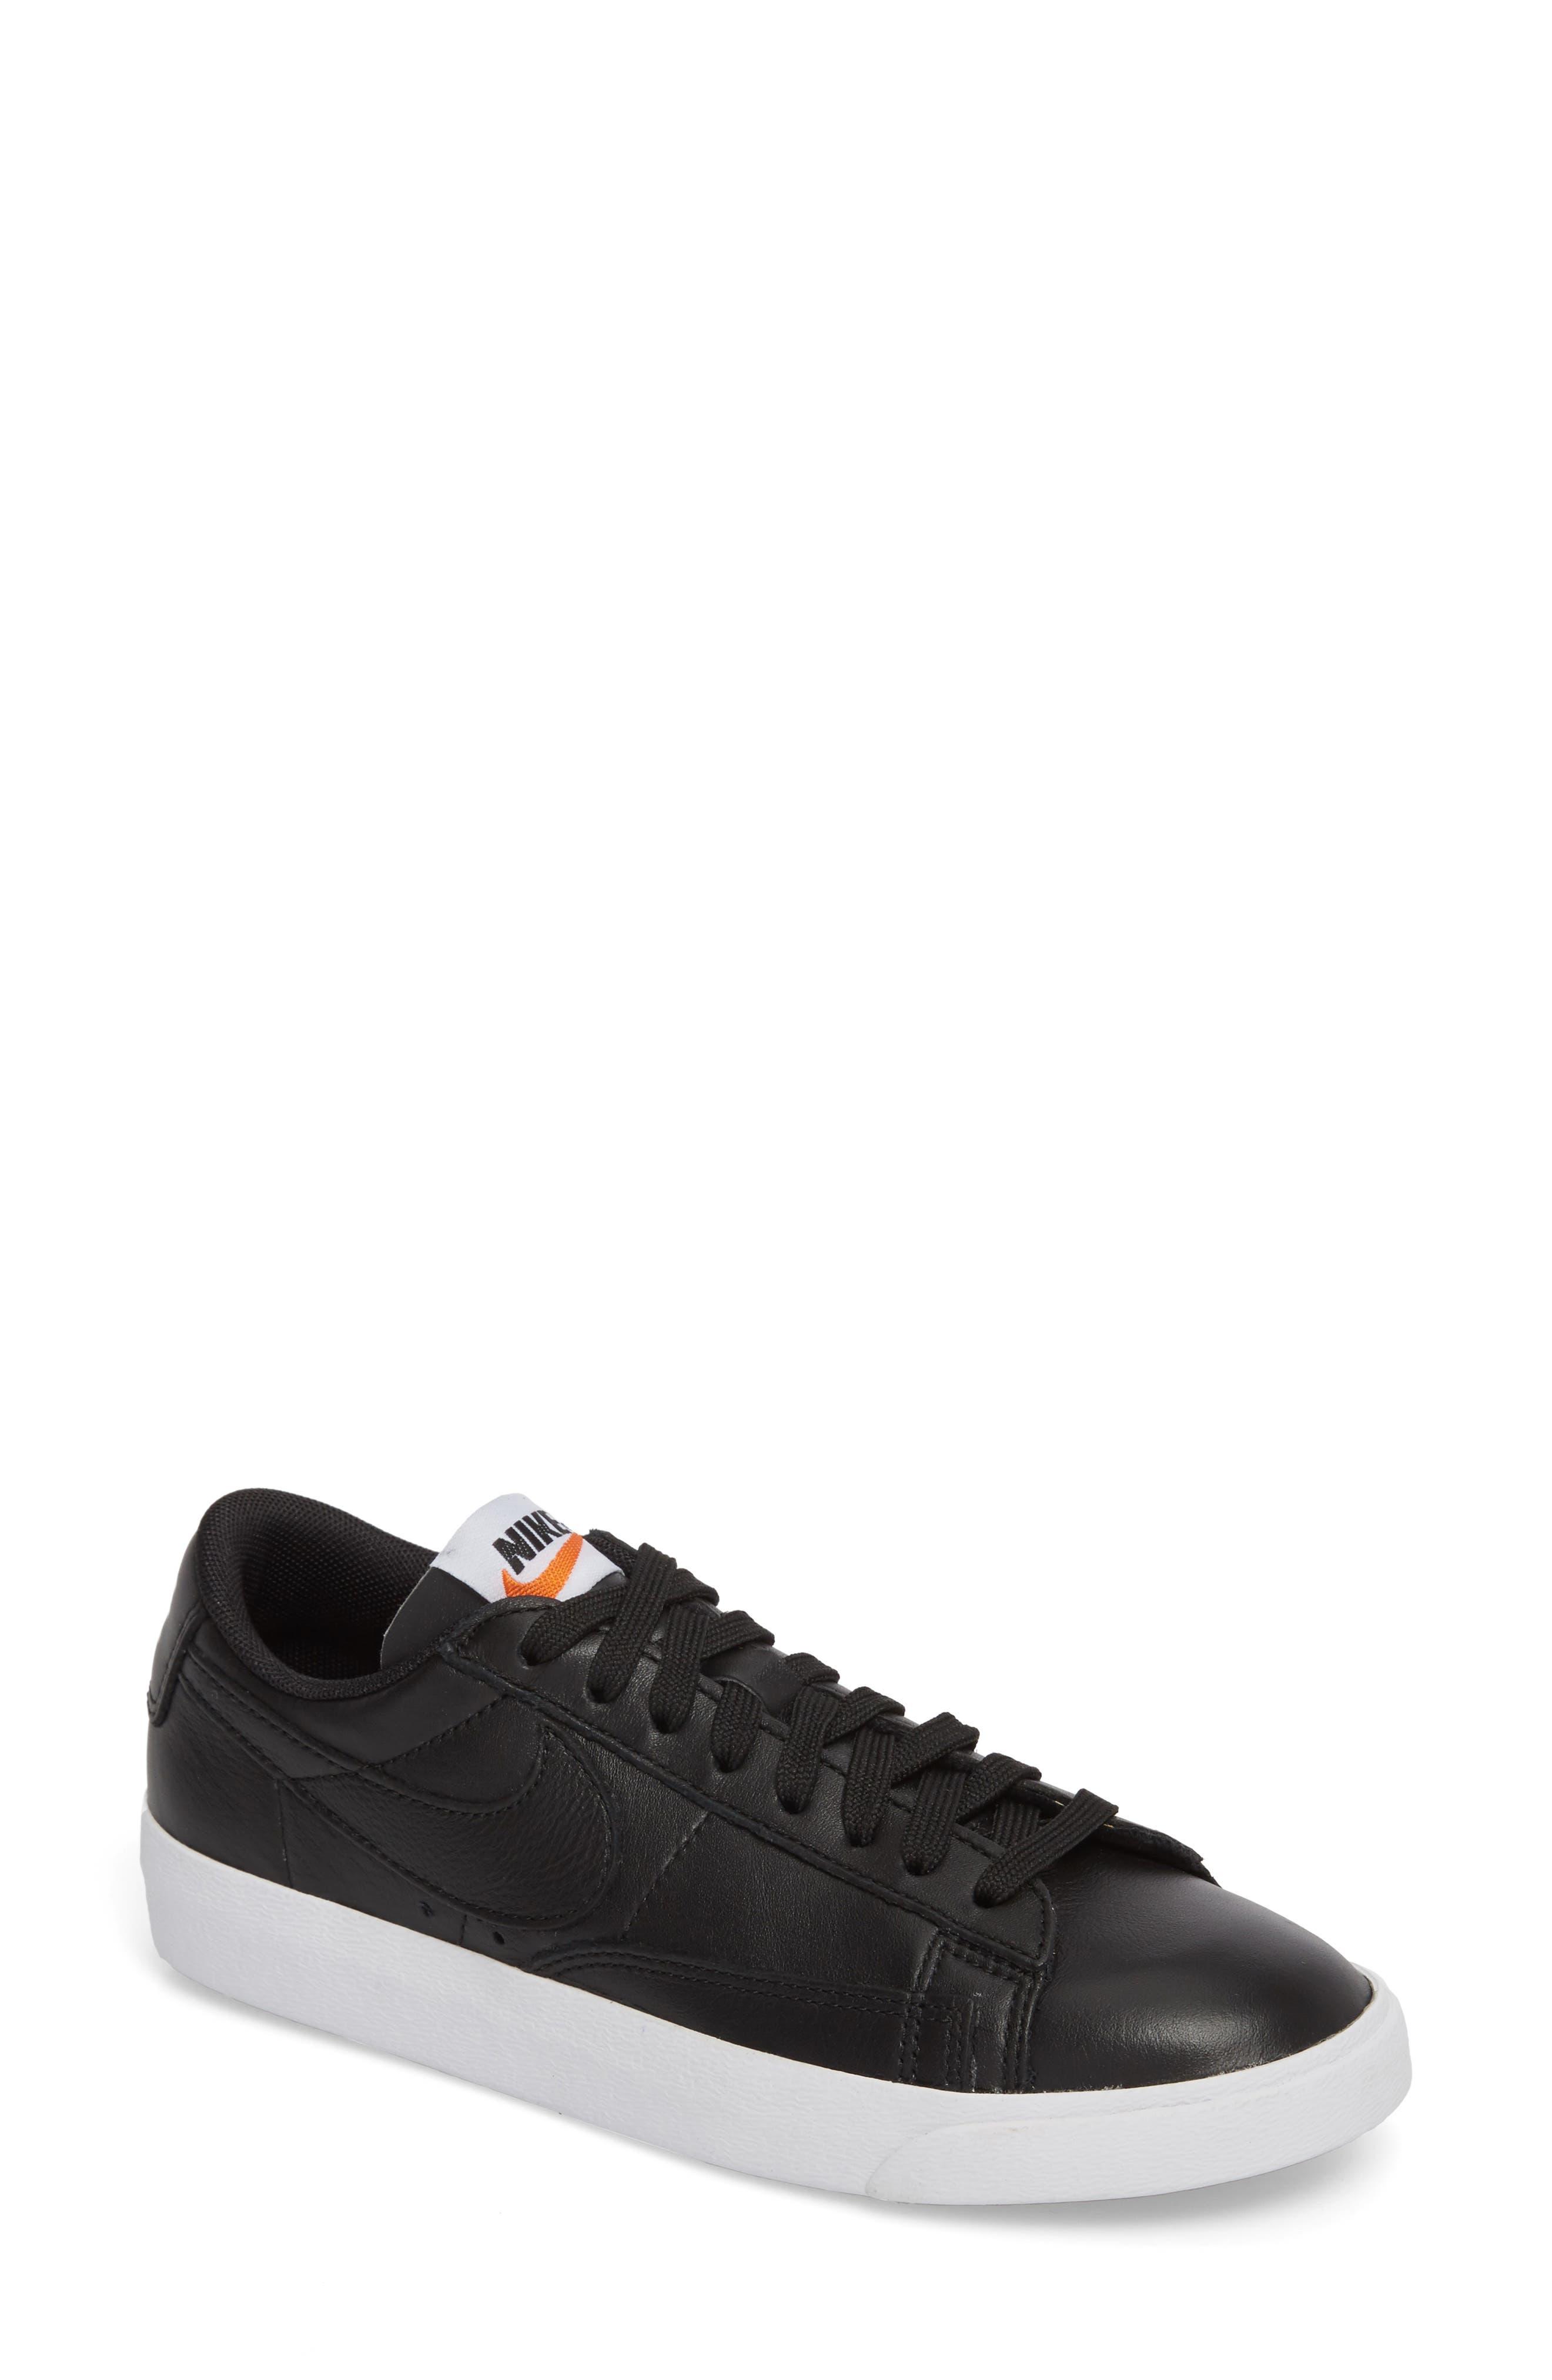 NIKE,                             Blazer Low LE Basketball Shoe,                             Main thumbnail 1, color,                             001